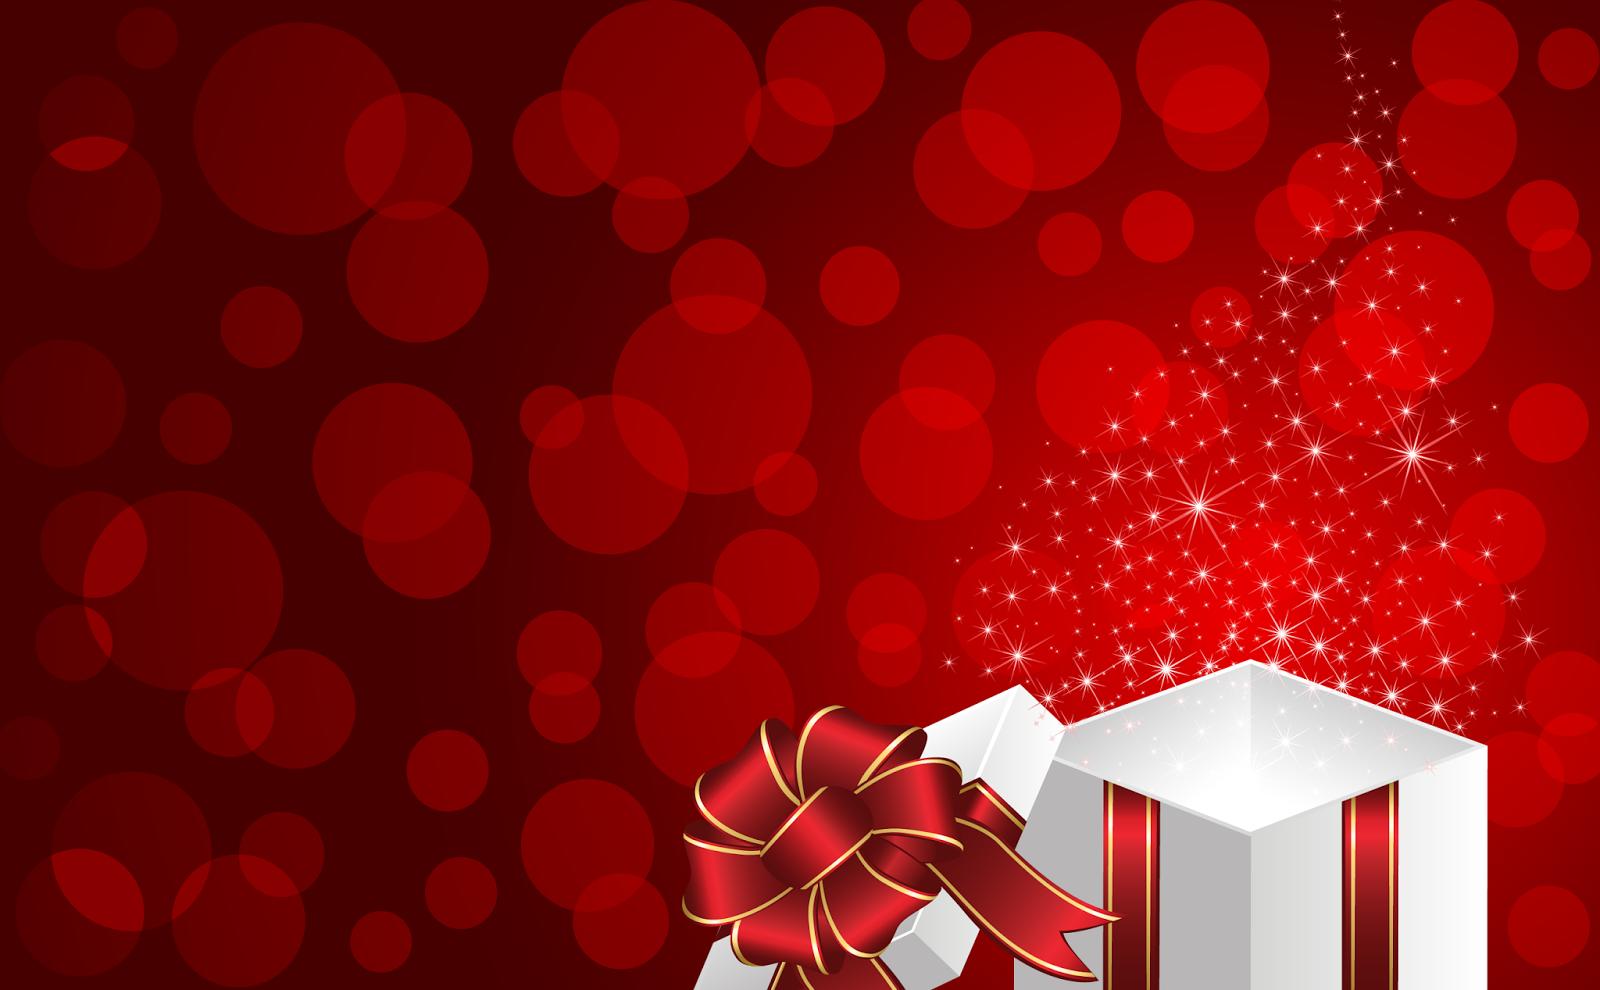 Anteriorsiguiente Fondo Navideño Elegante: Imagenes De Tarjetas De Navidad Para Imprimir